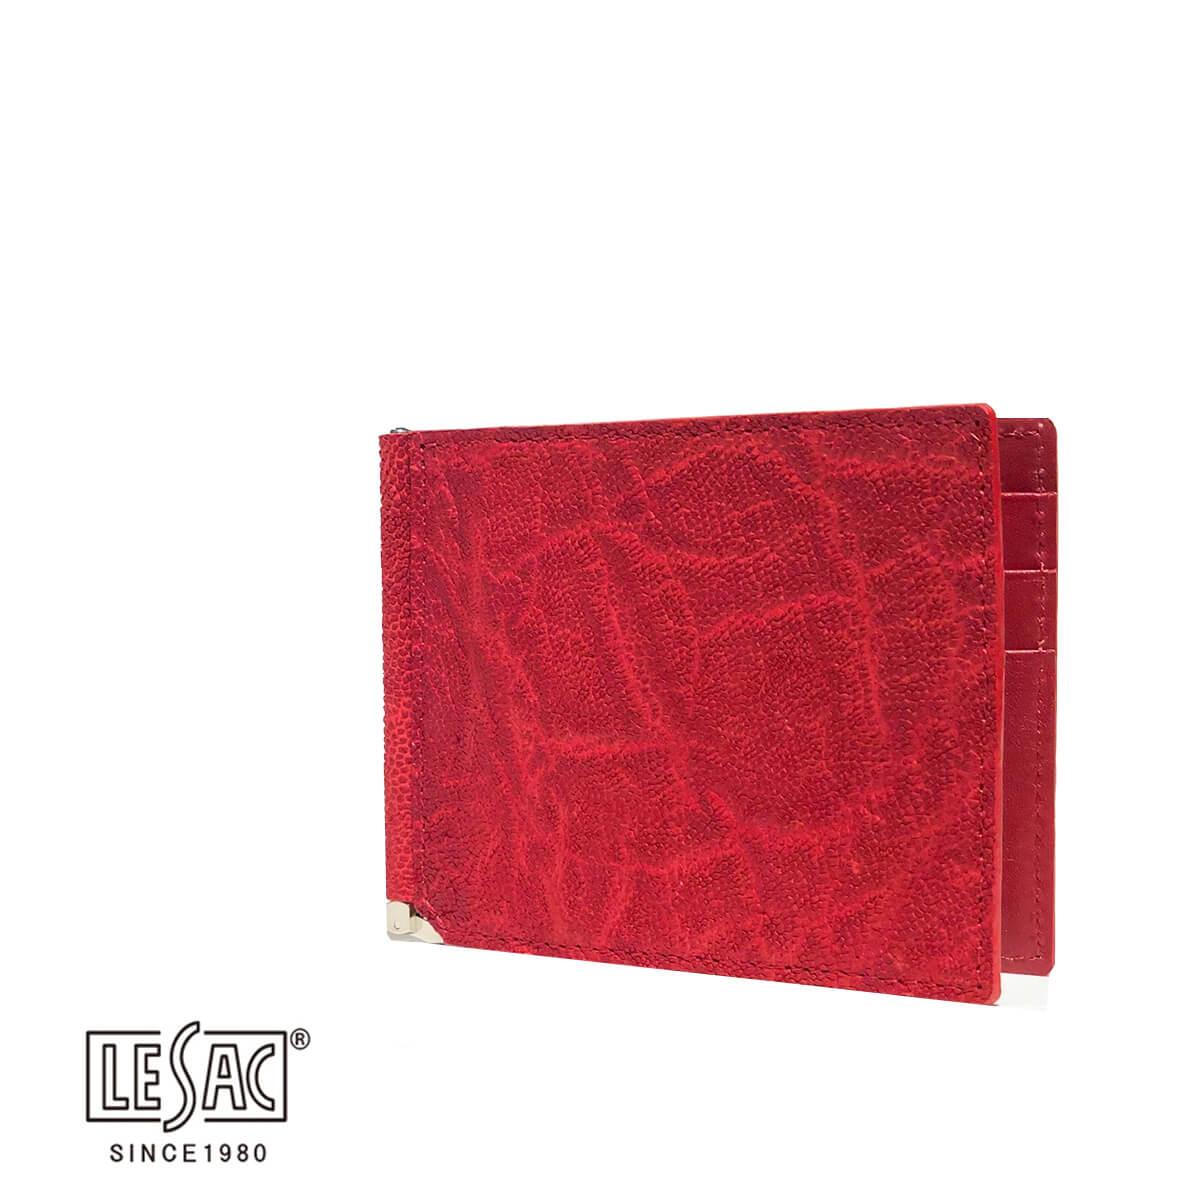 LE'SAC(レザック)レザック マネークリップ 札ばさみ カードケース 象革 エレファント 撥水加工 レッド ブランド